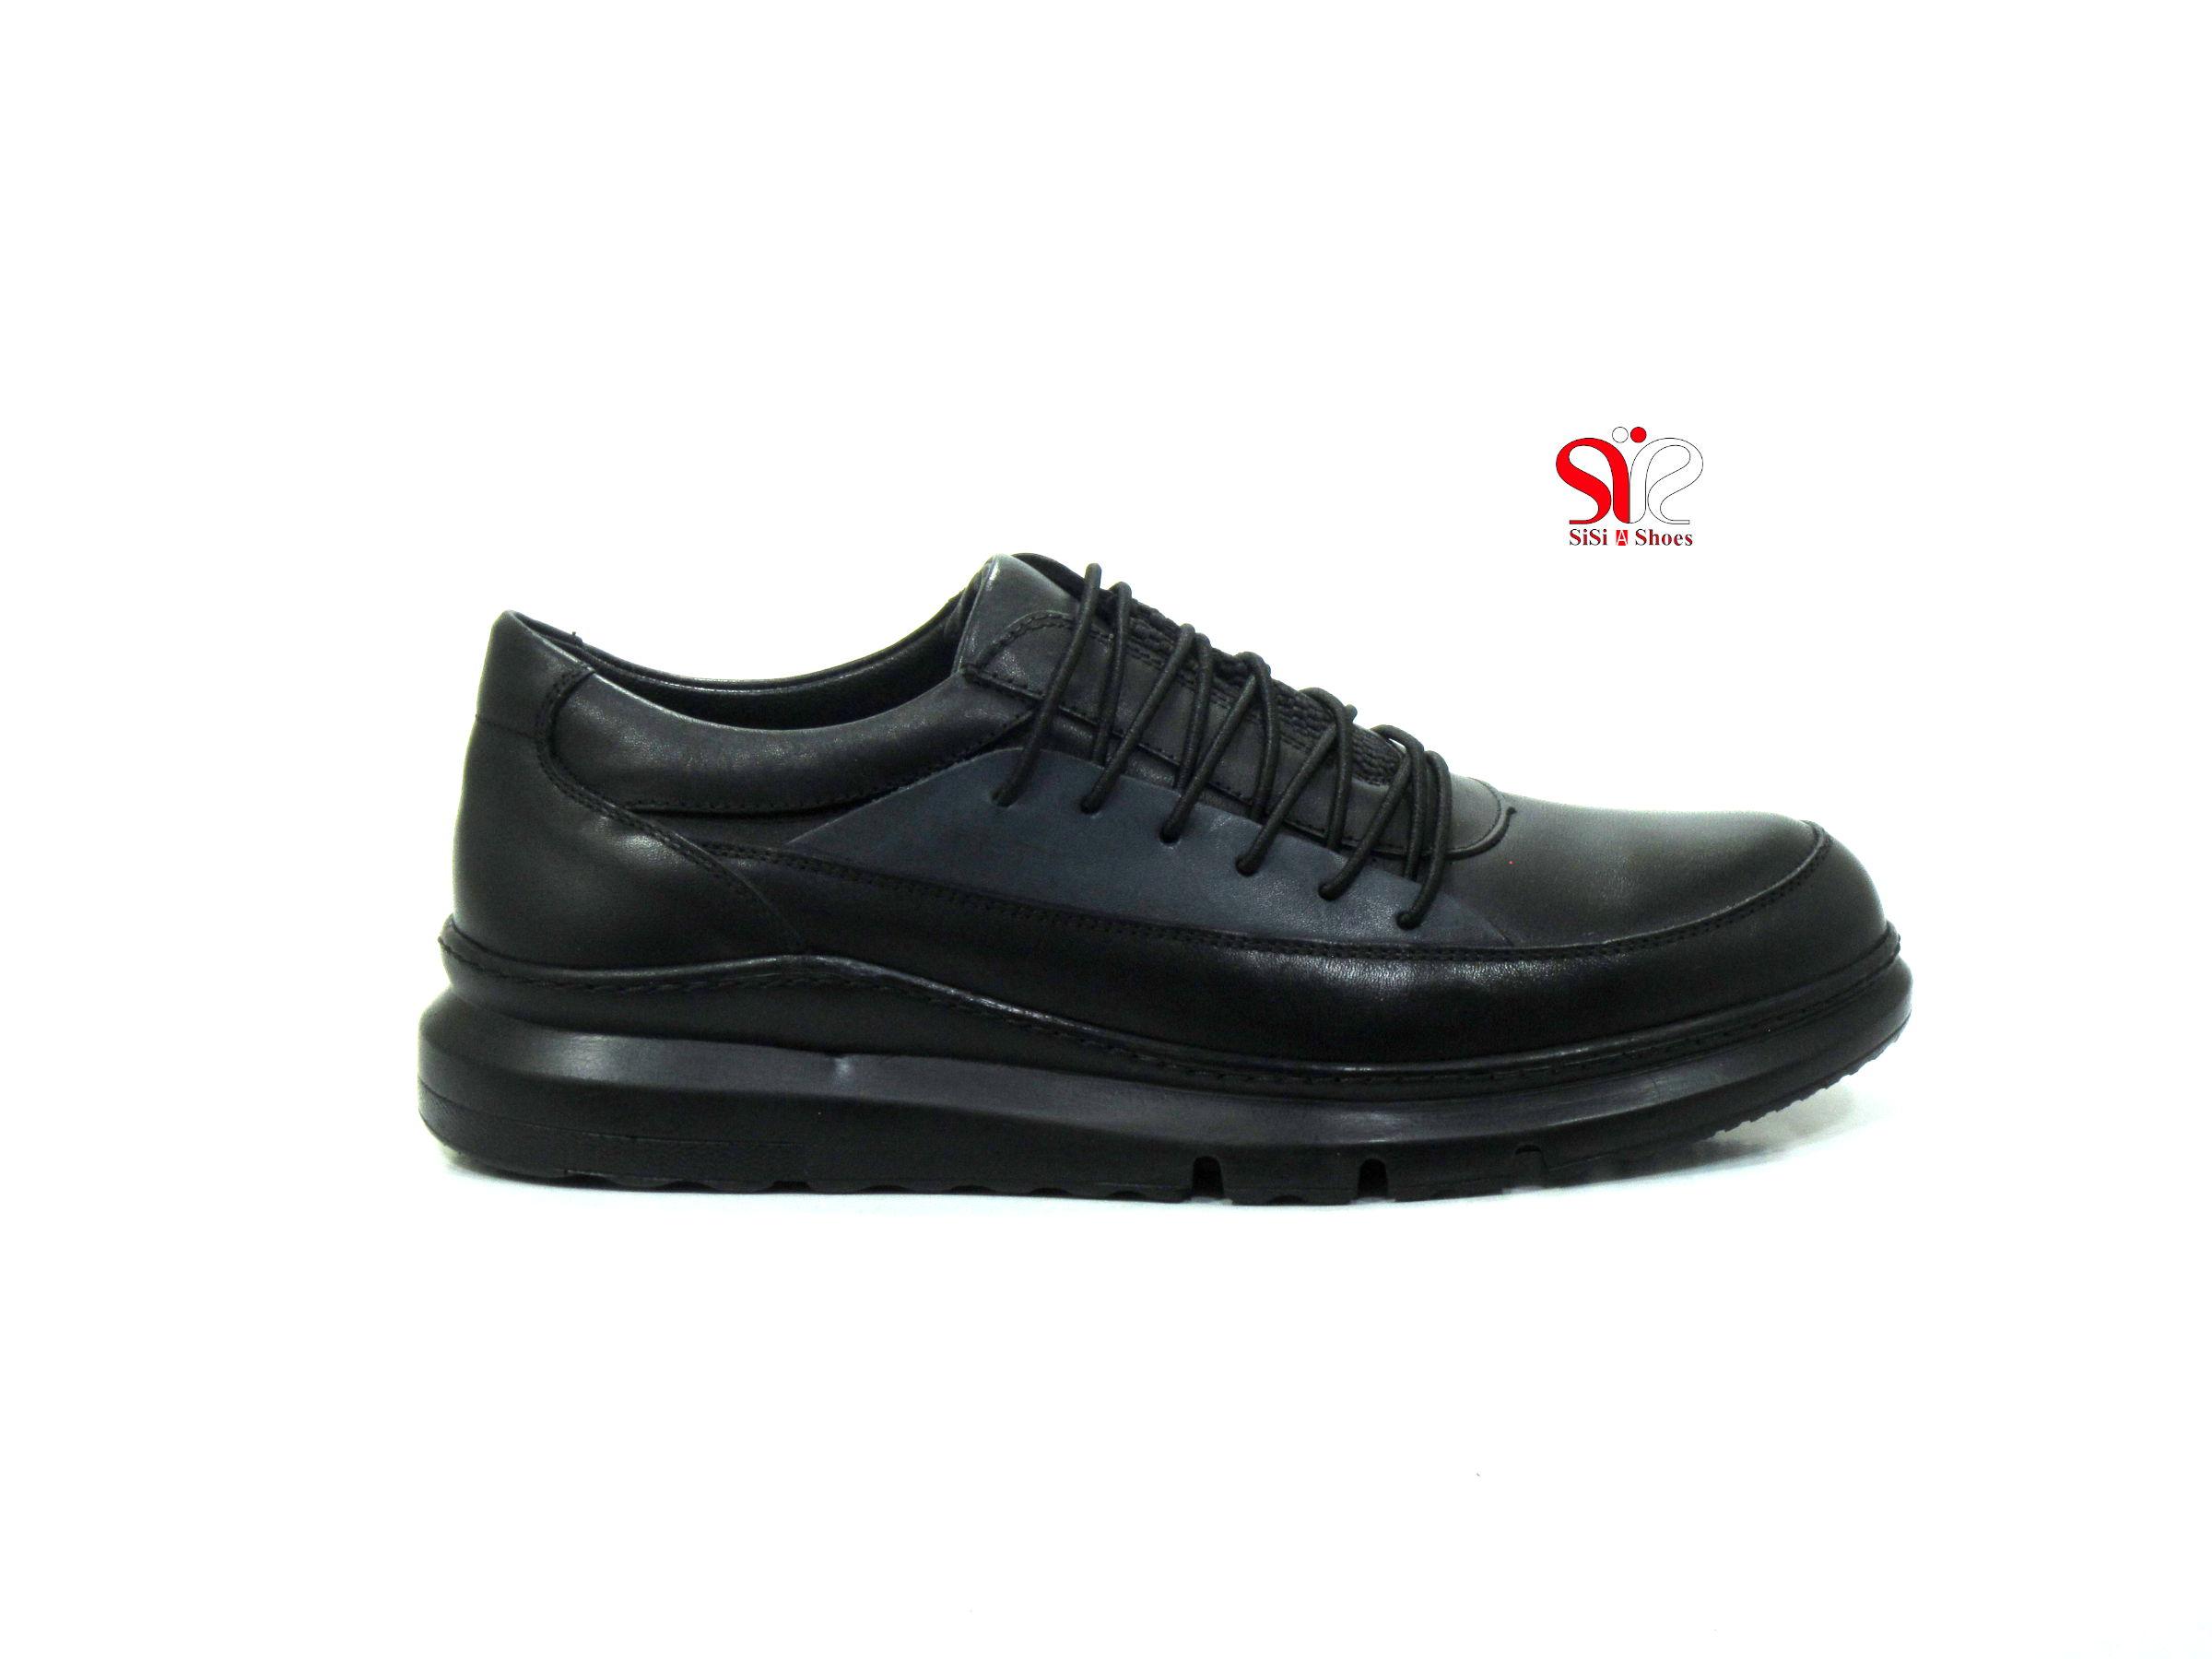 کفش مدل روبین اسپرت مردانه بنددار کشی - کیف و کفش سی سی